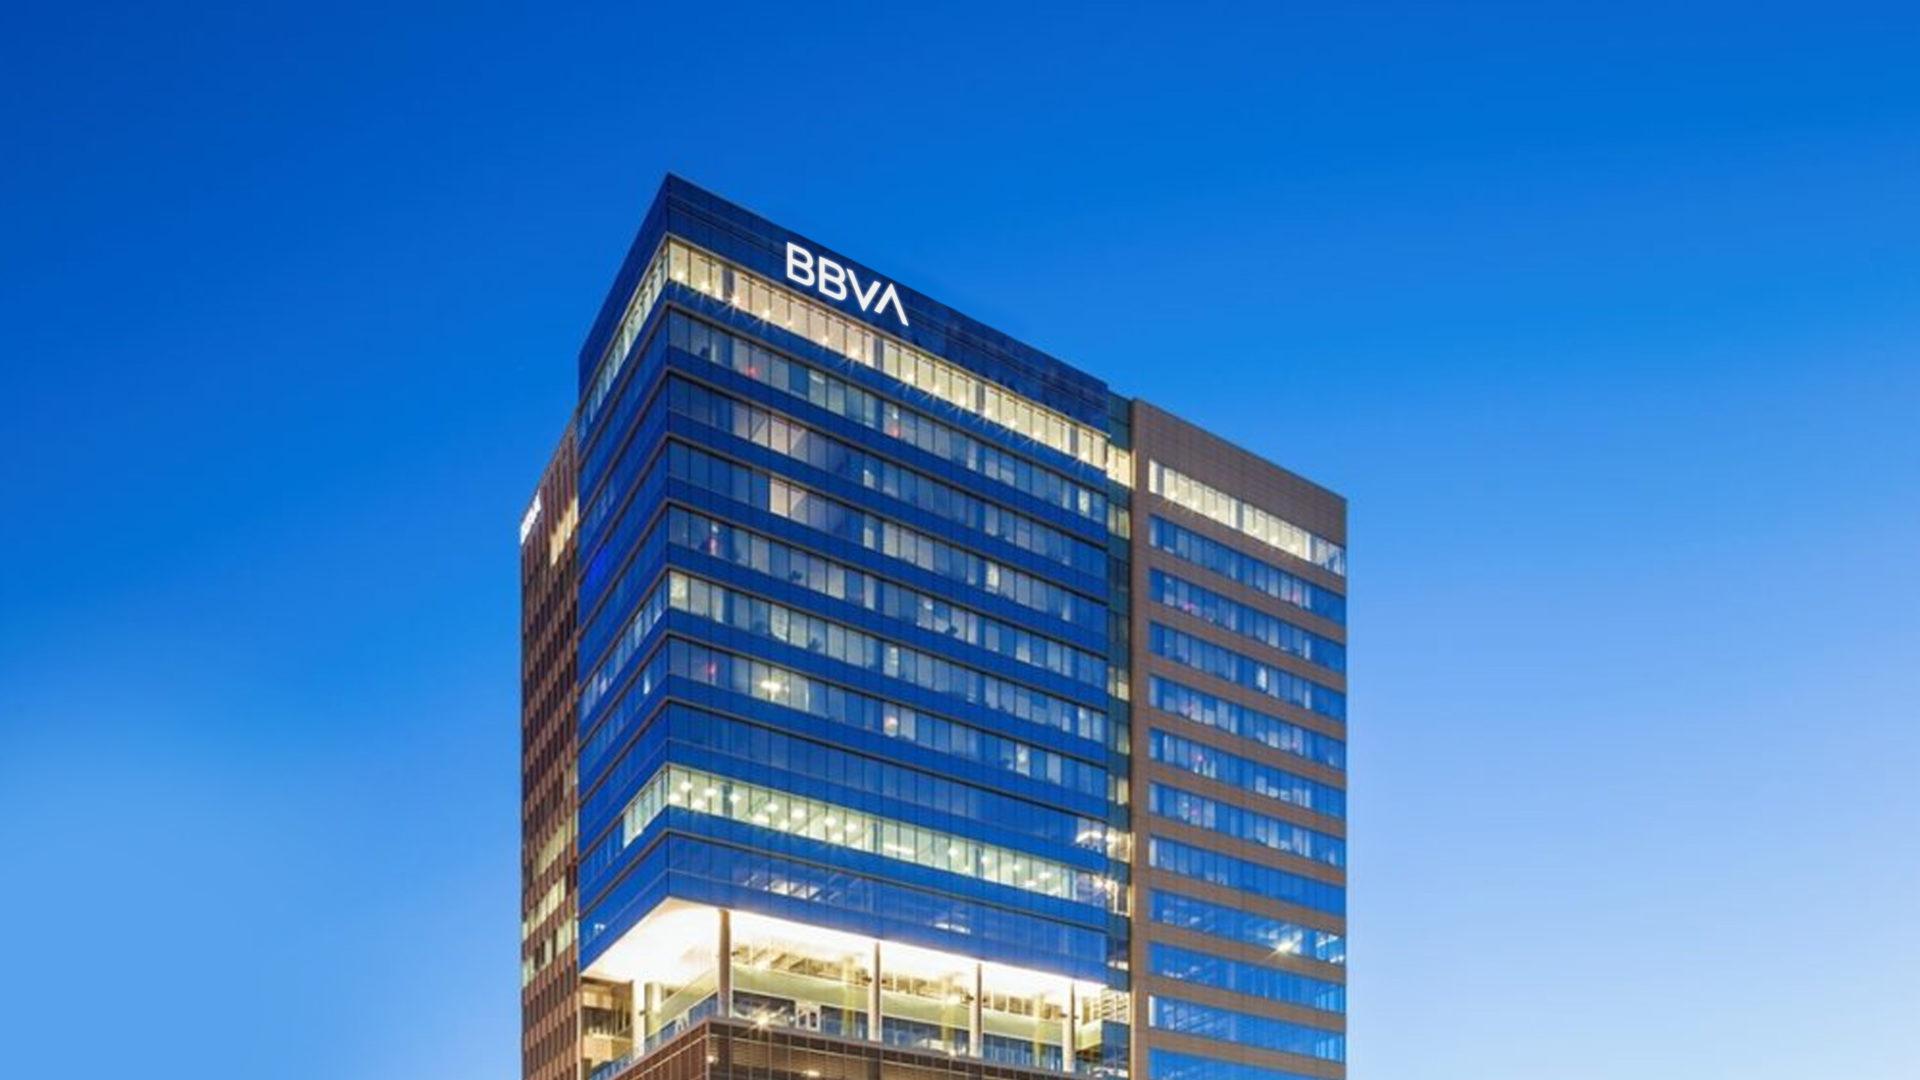 BBVAUSA-Houston-Tower-Nightview-1-1920x1080